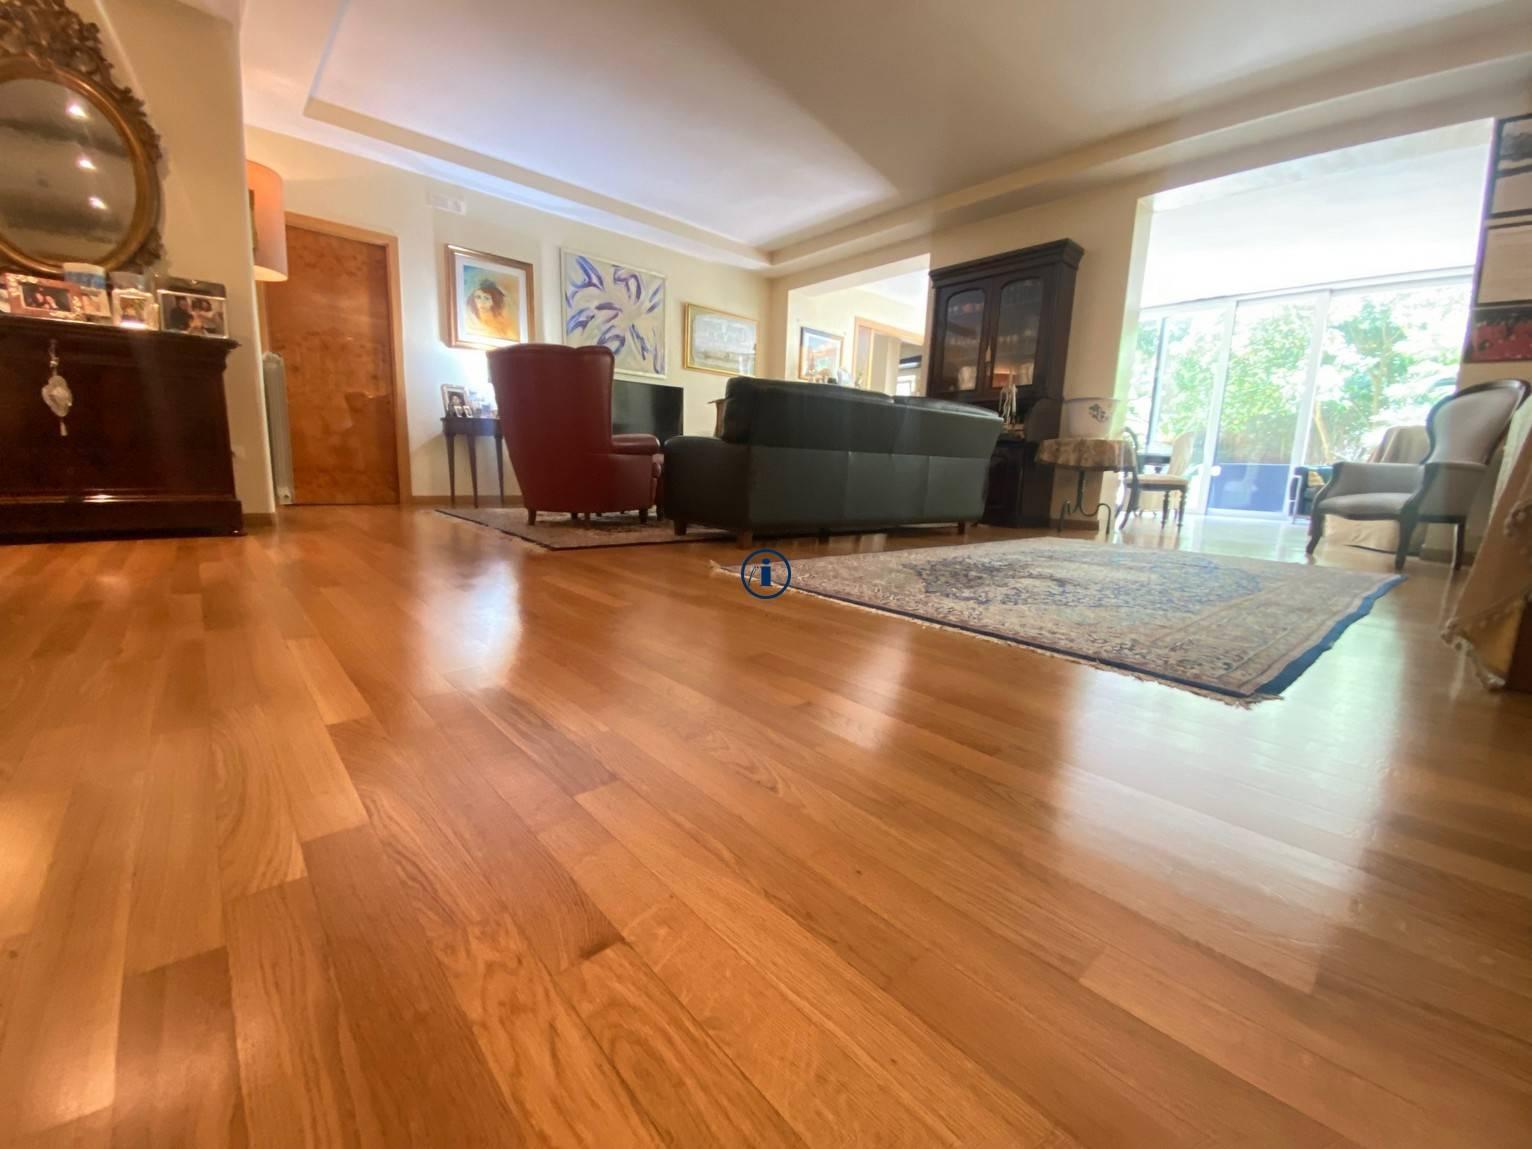 Appartamento in vendita a Caserta, 4 locali, zona le, prezzo € 590.000 | PortaleAgenzieImmobiliari.it